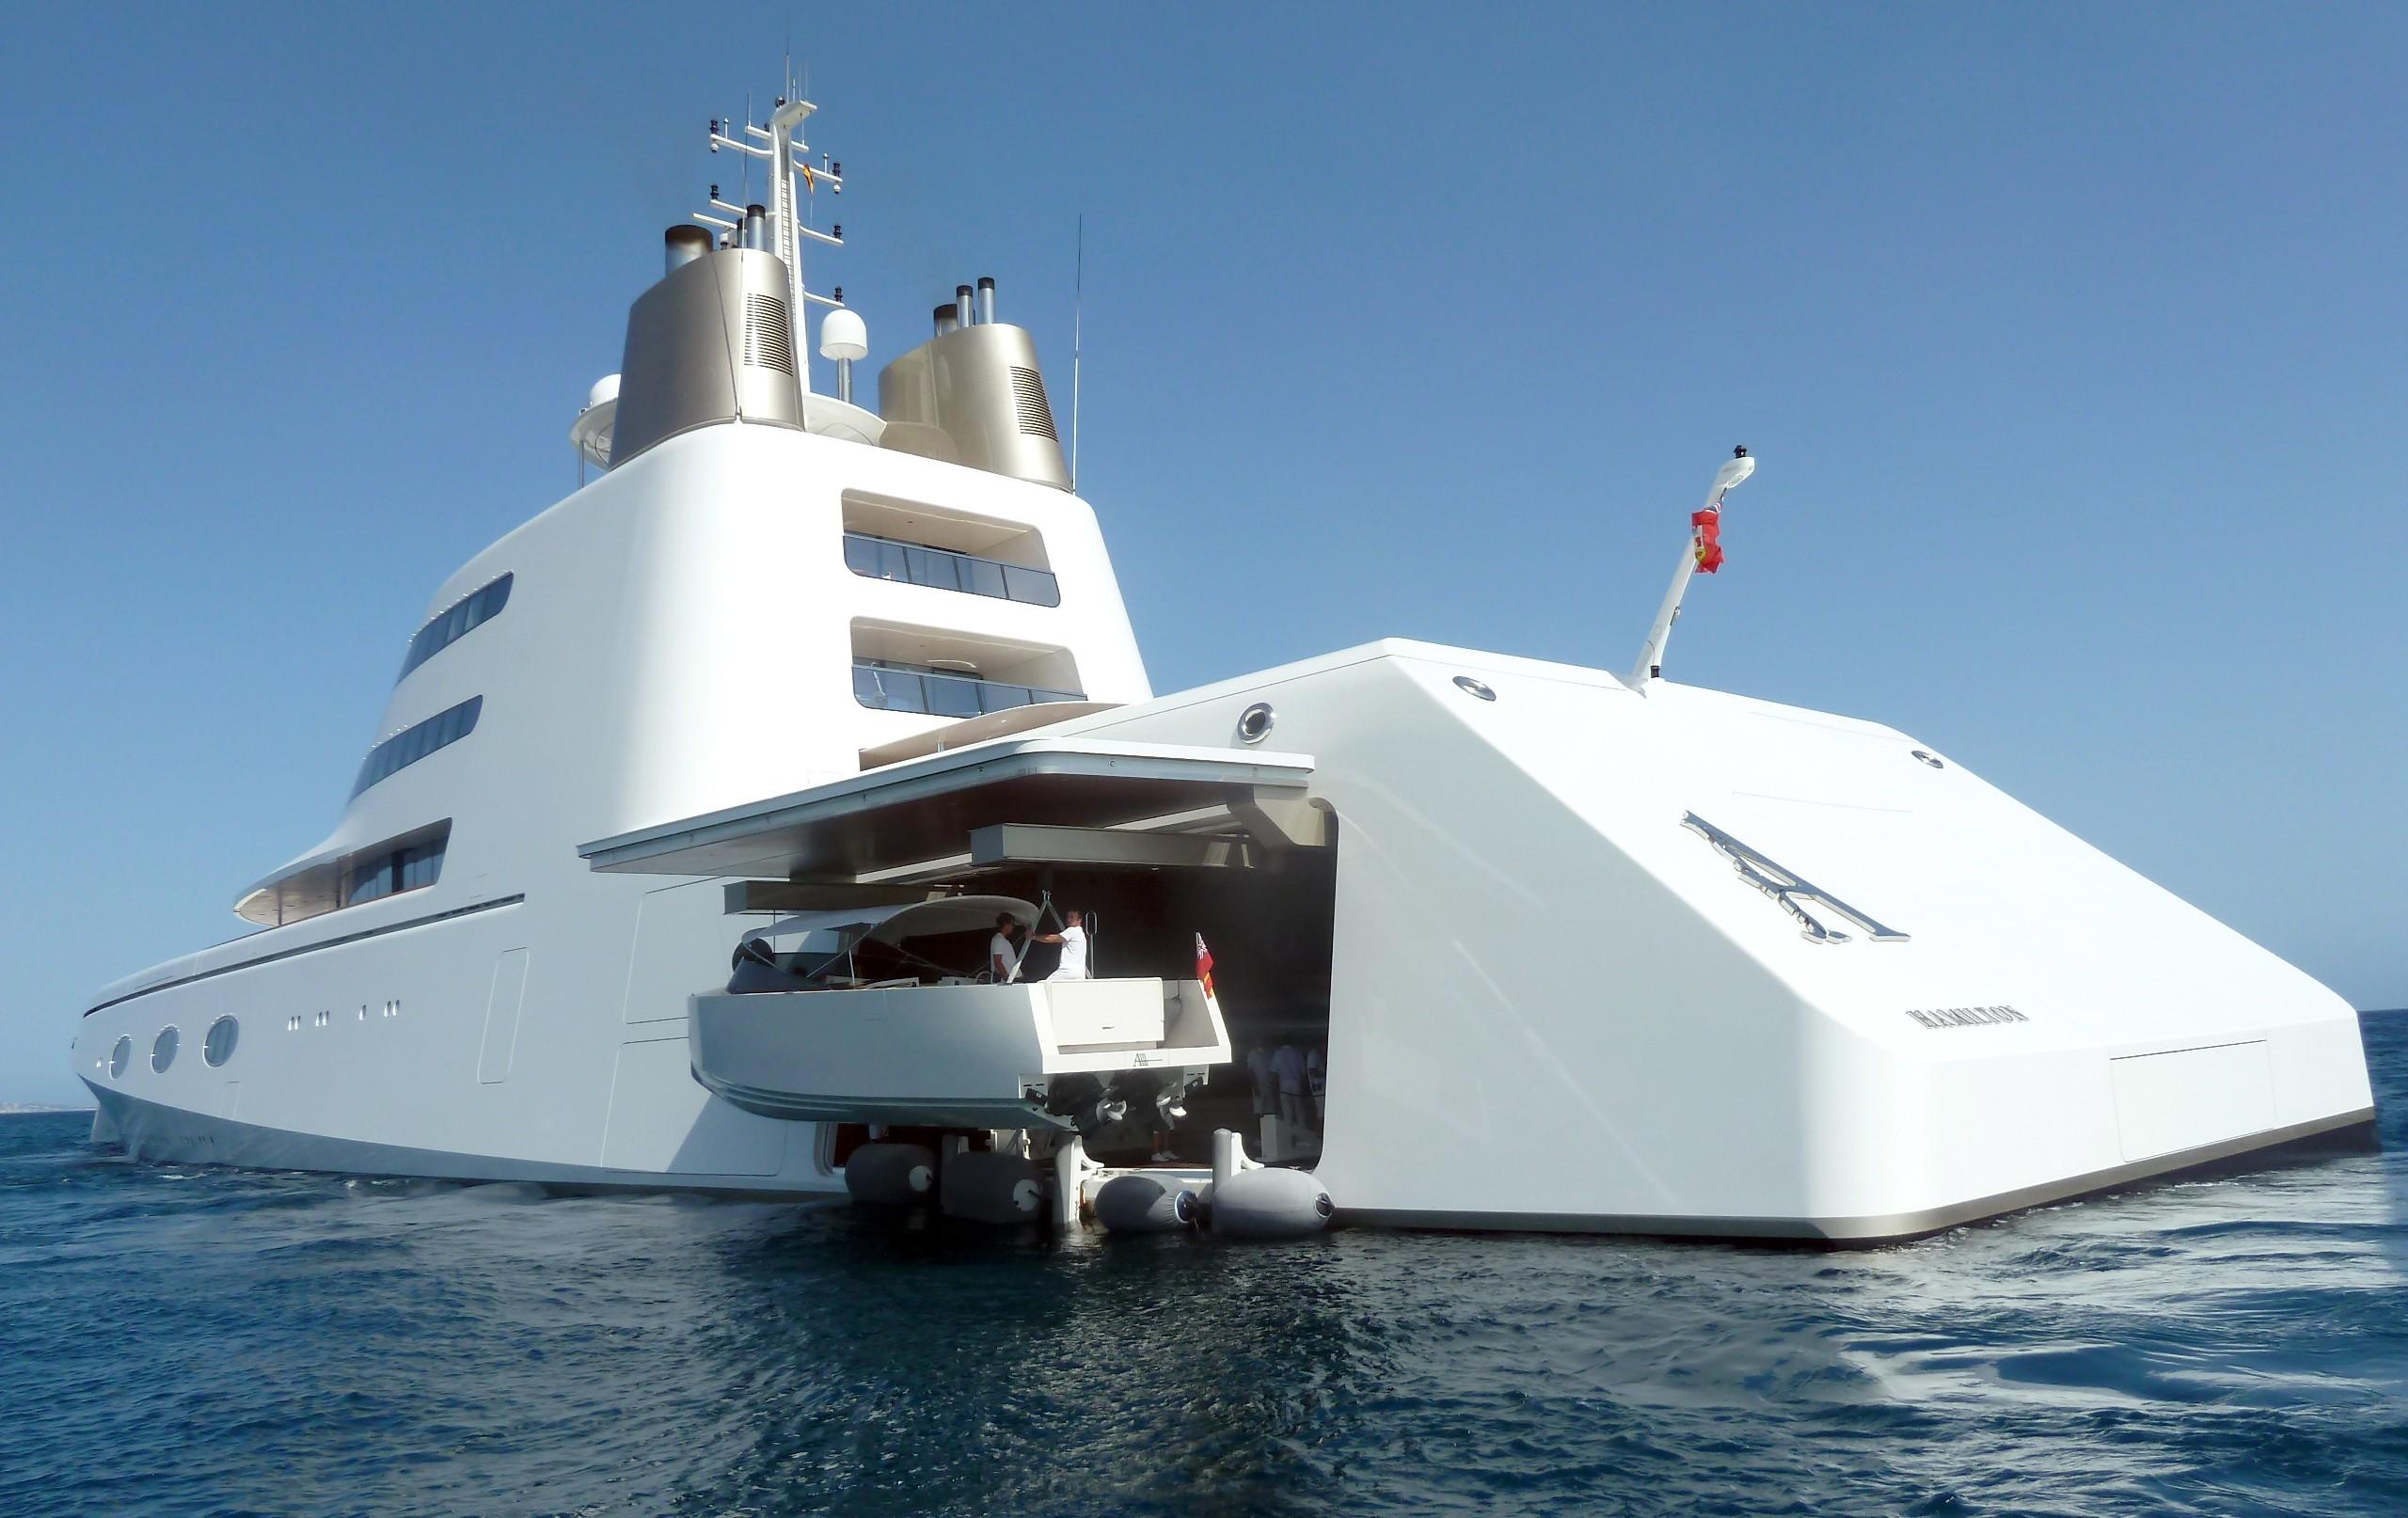 Yacht A A Blohm Voss Superyacht Charterworld Luxury